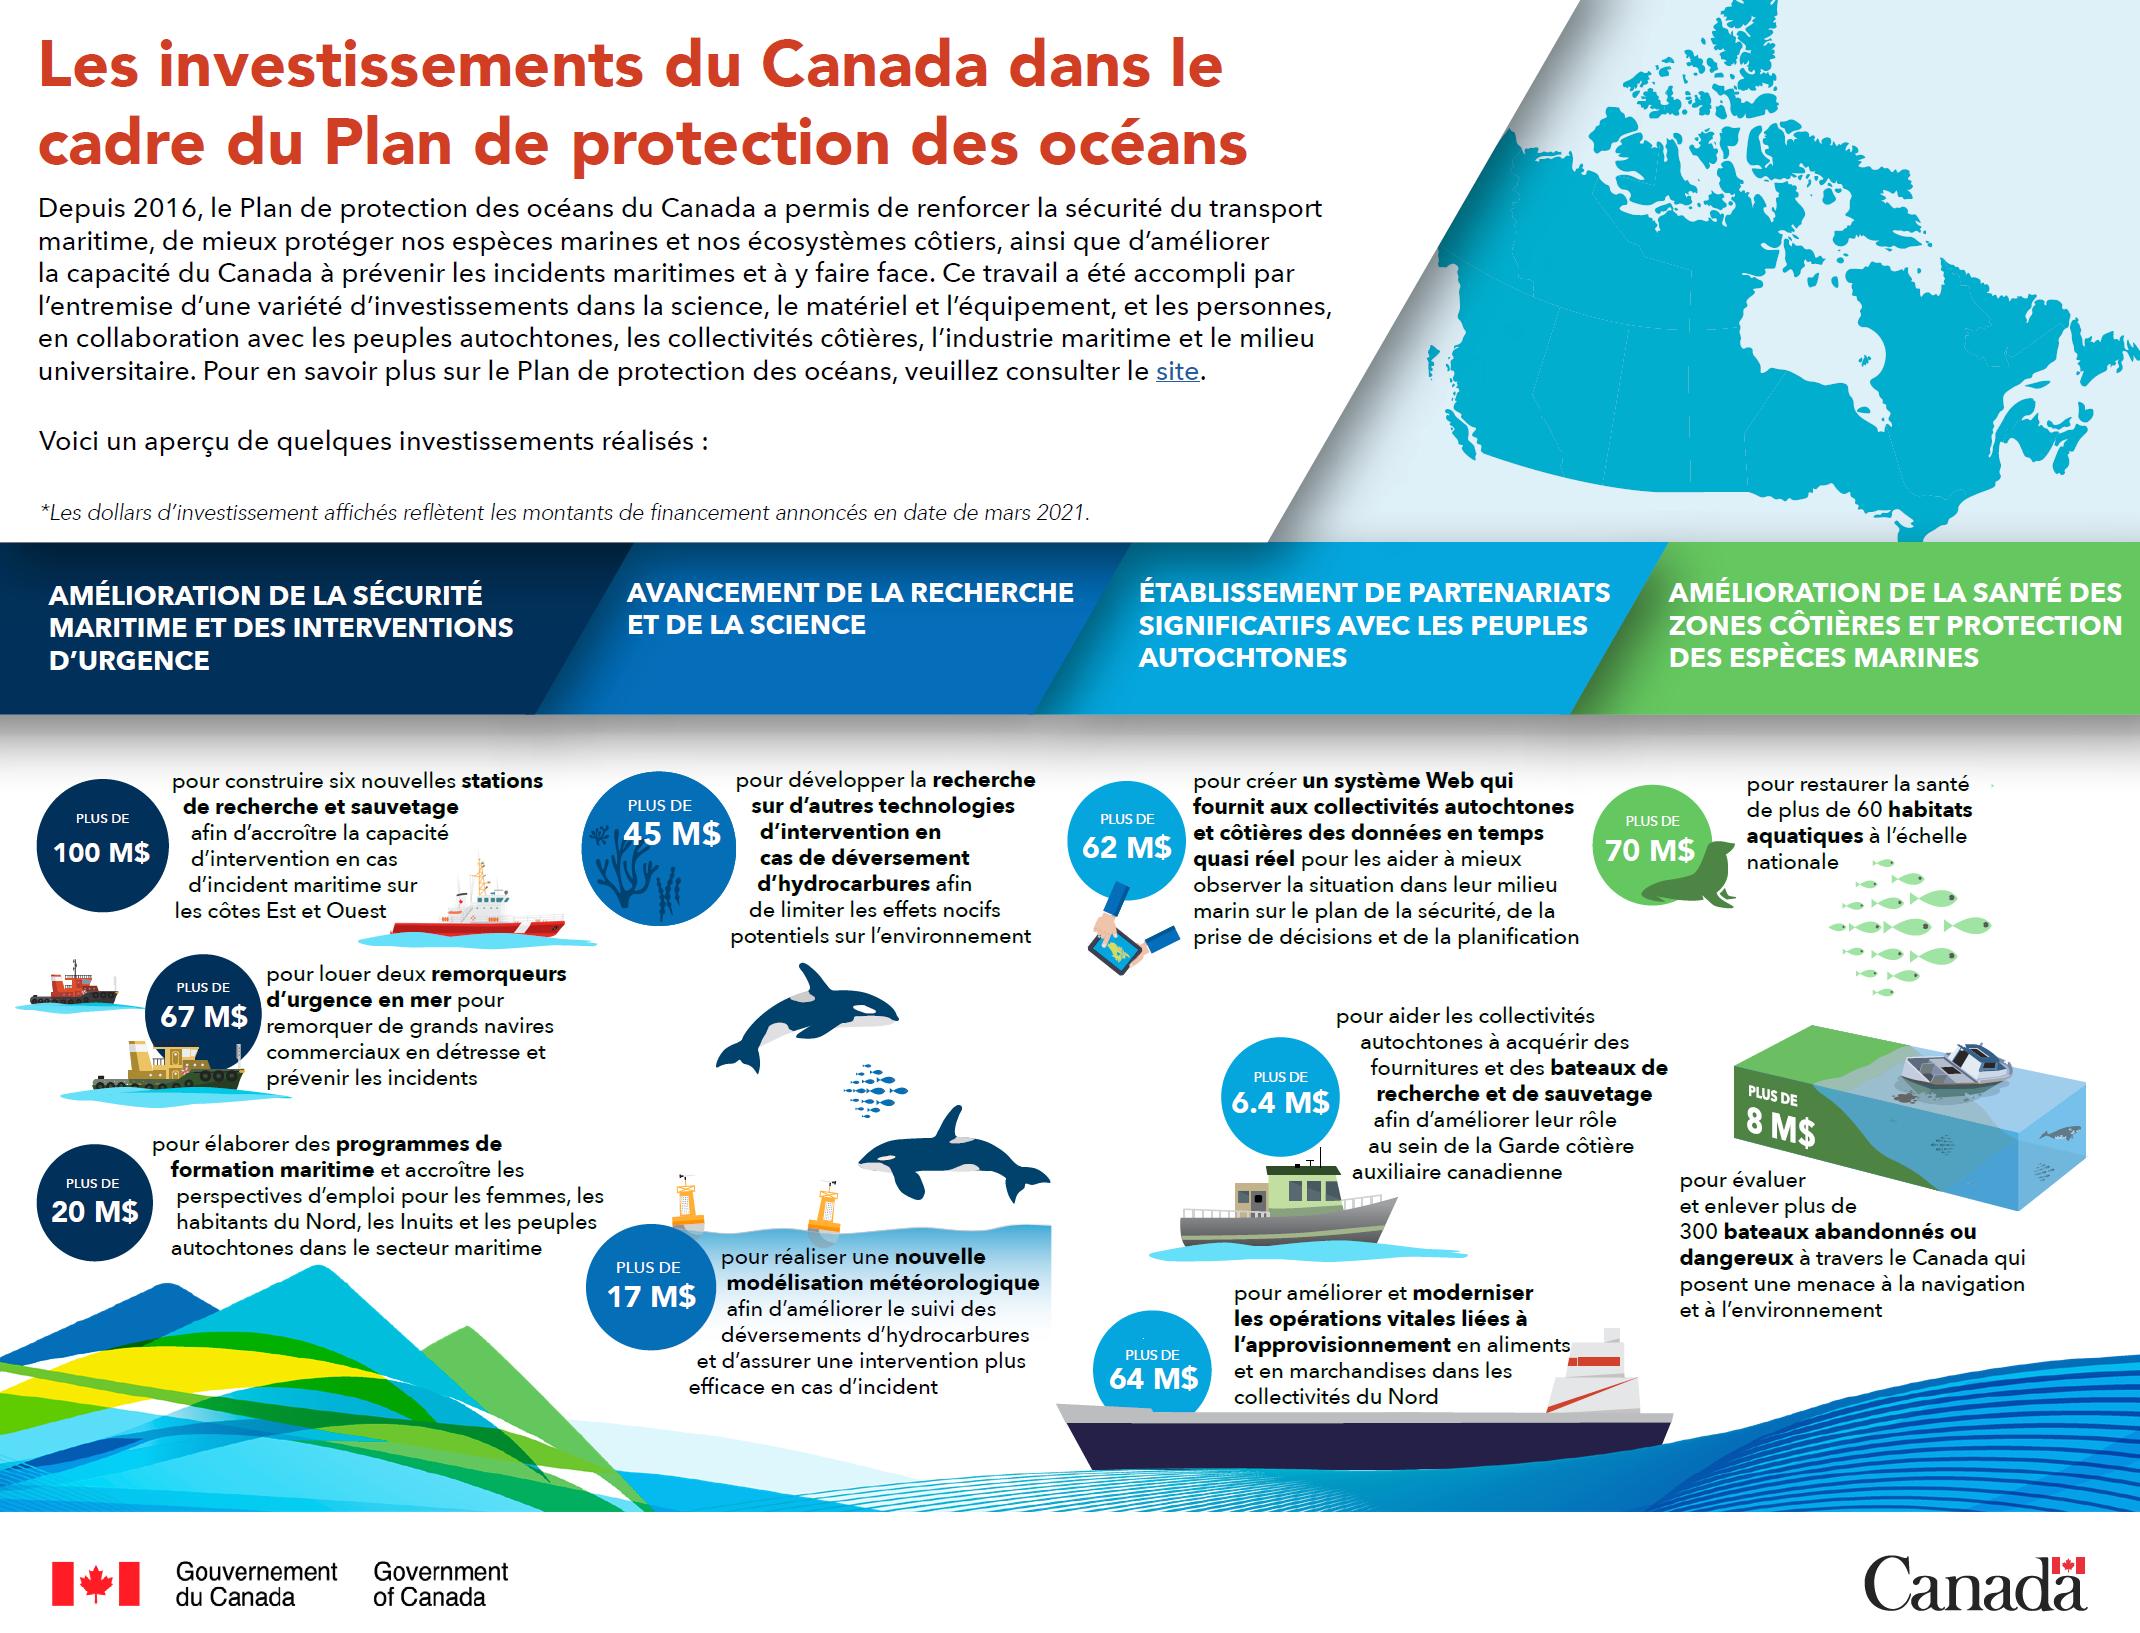 Les investissements du Canada dans le cadre du Plan de protection des océans